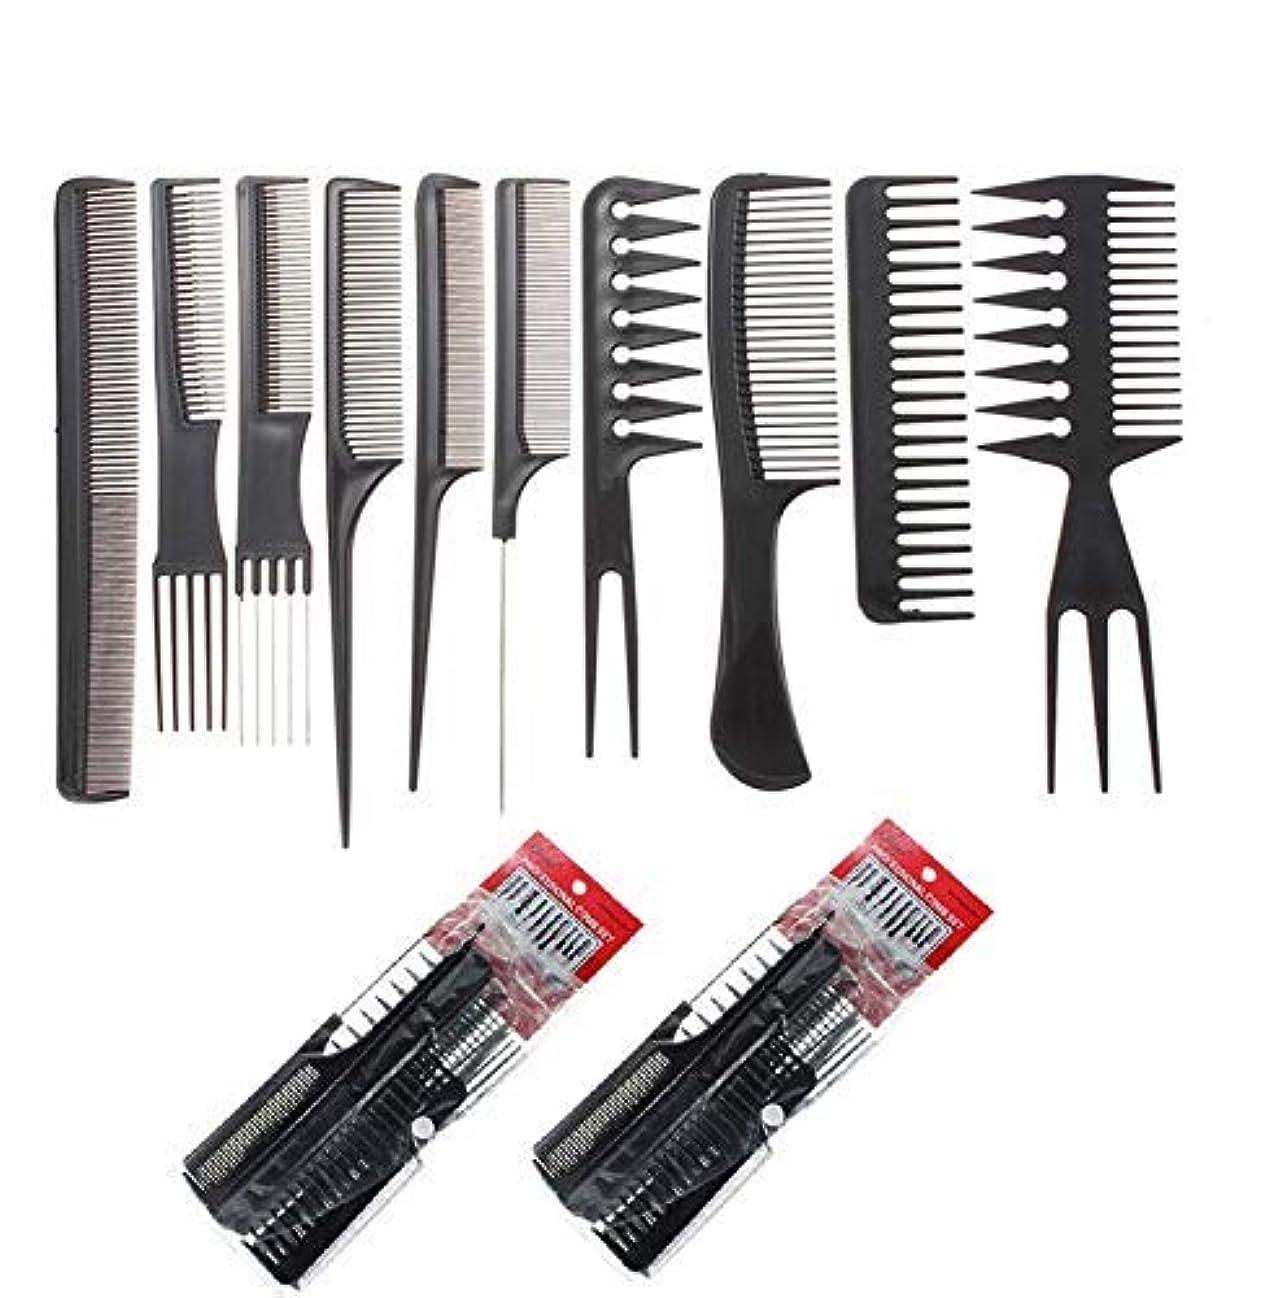 騙す農業やめるSBYURE 20pcs Professional Styling Comb Set,10pcs/Set,2 Set Salon Hairdressing Combs Hair Care Styling Tools Hair...